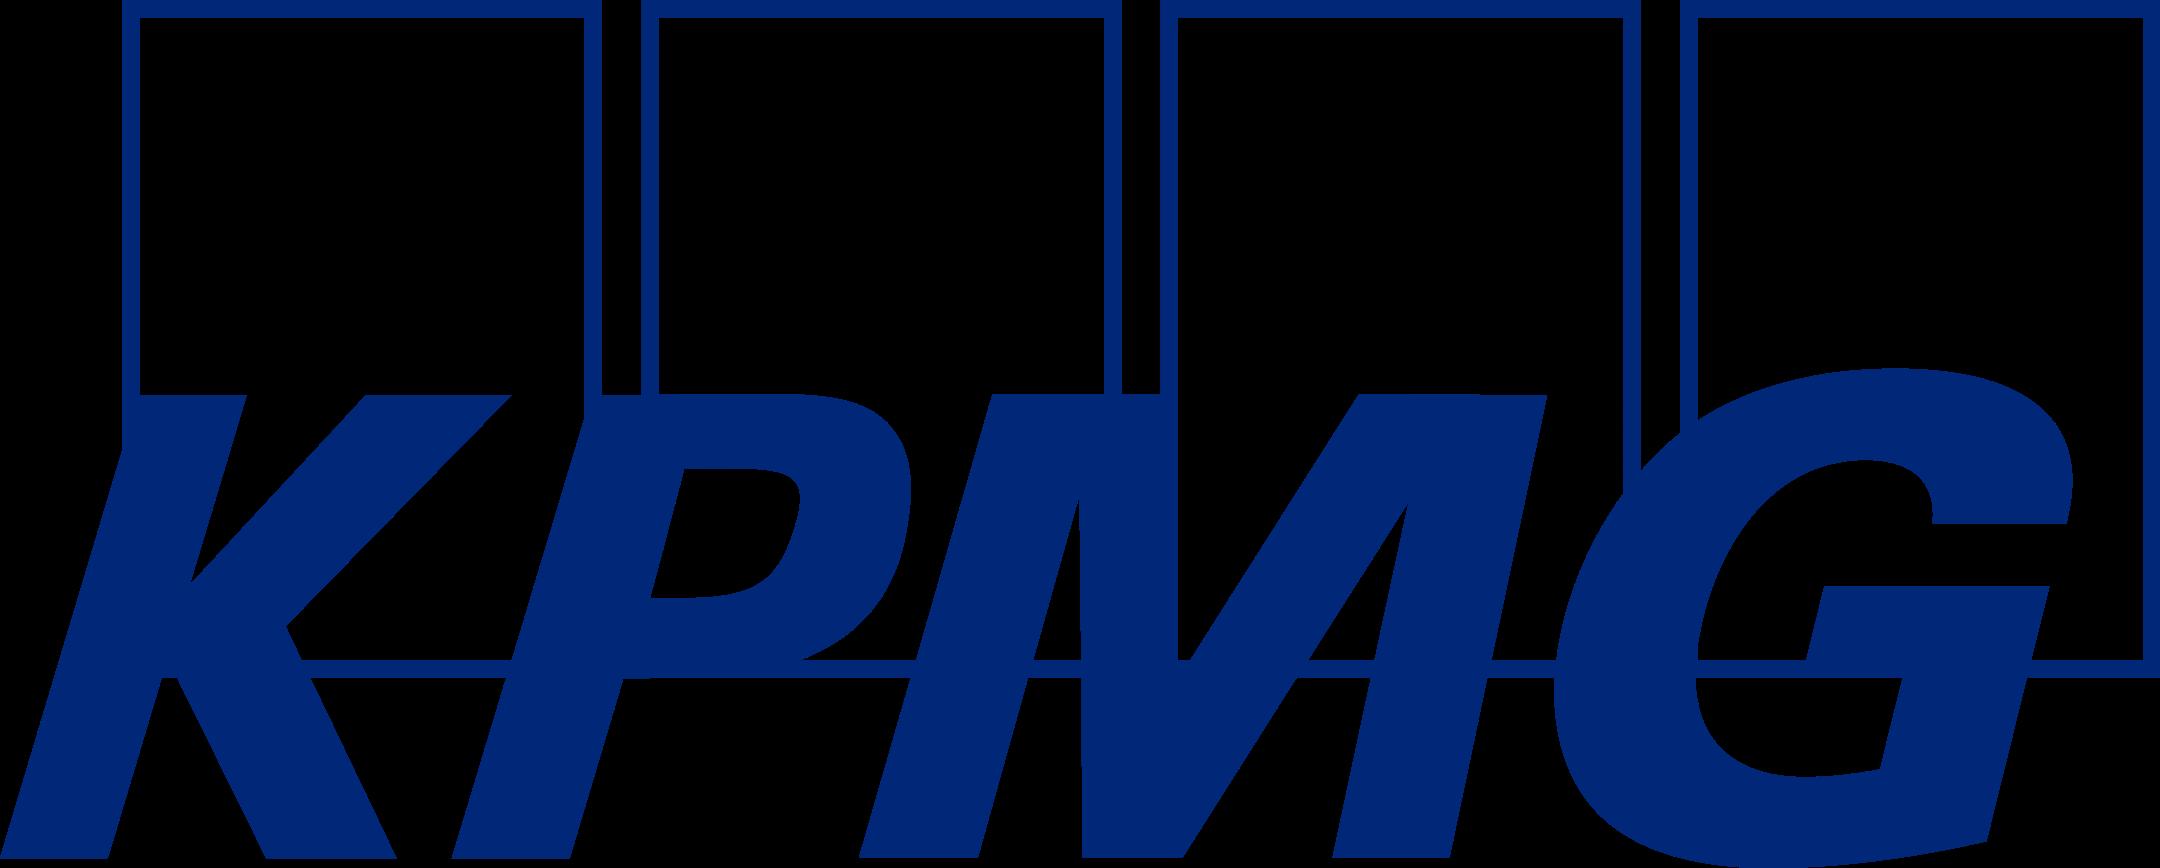 kpmg logo 1 - KPMG Logo